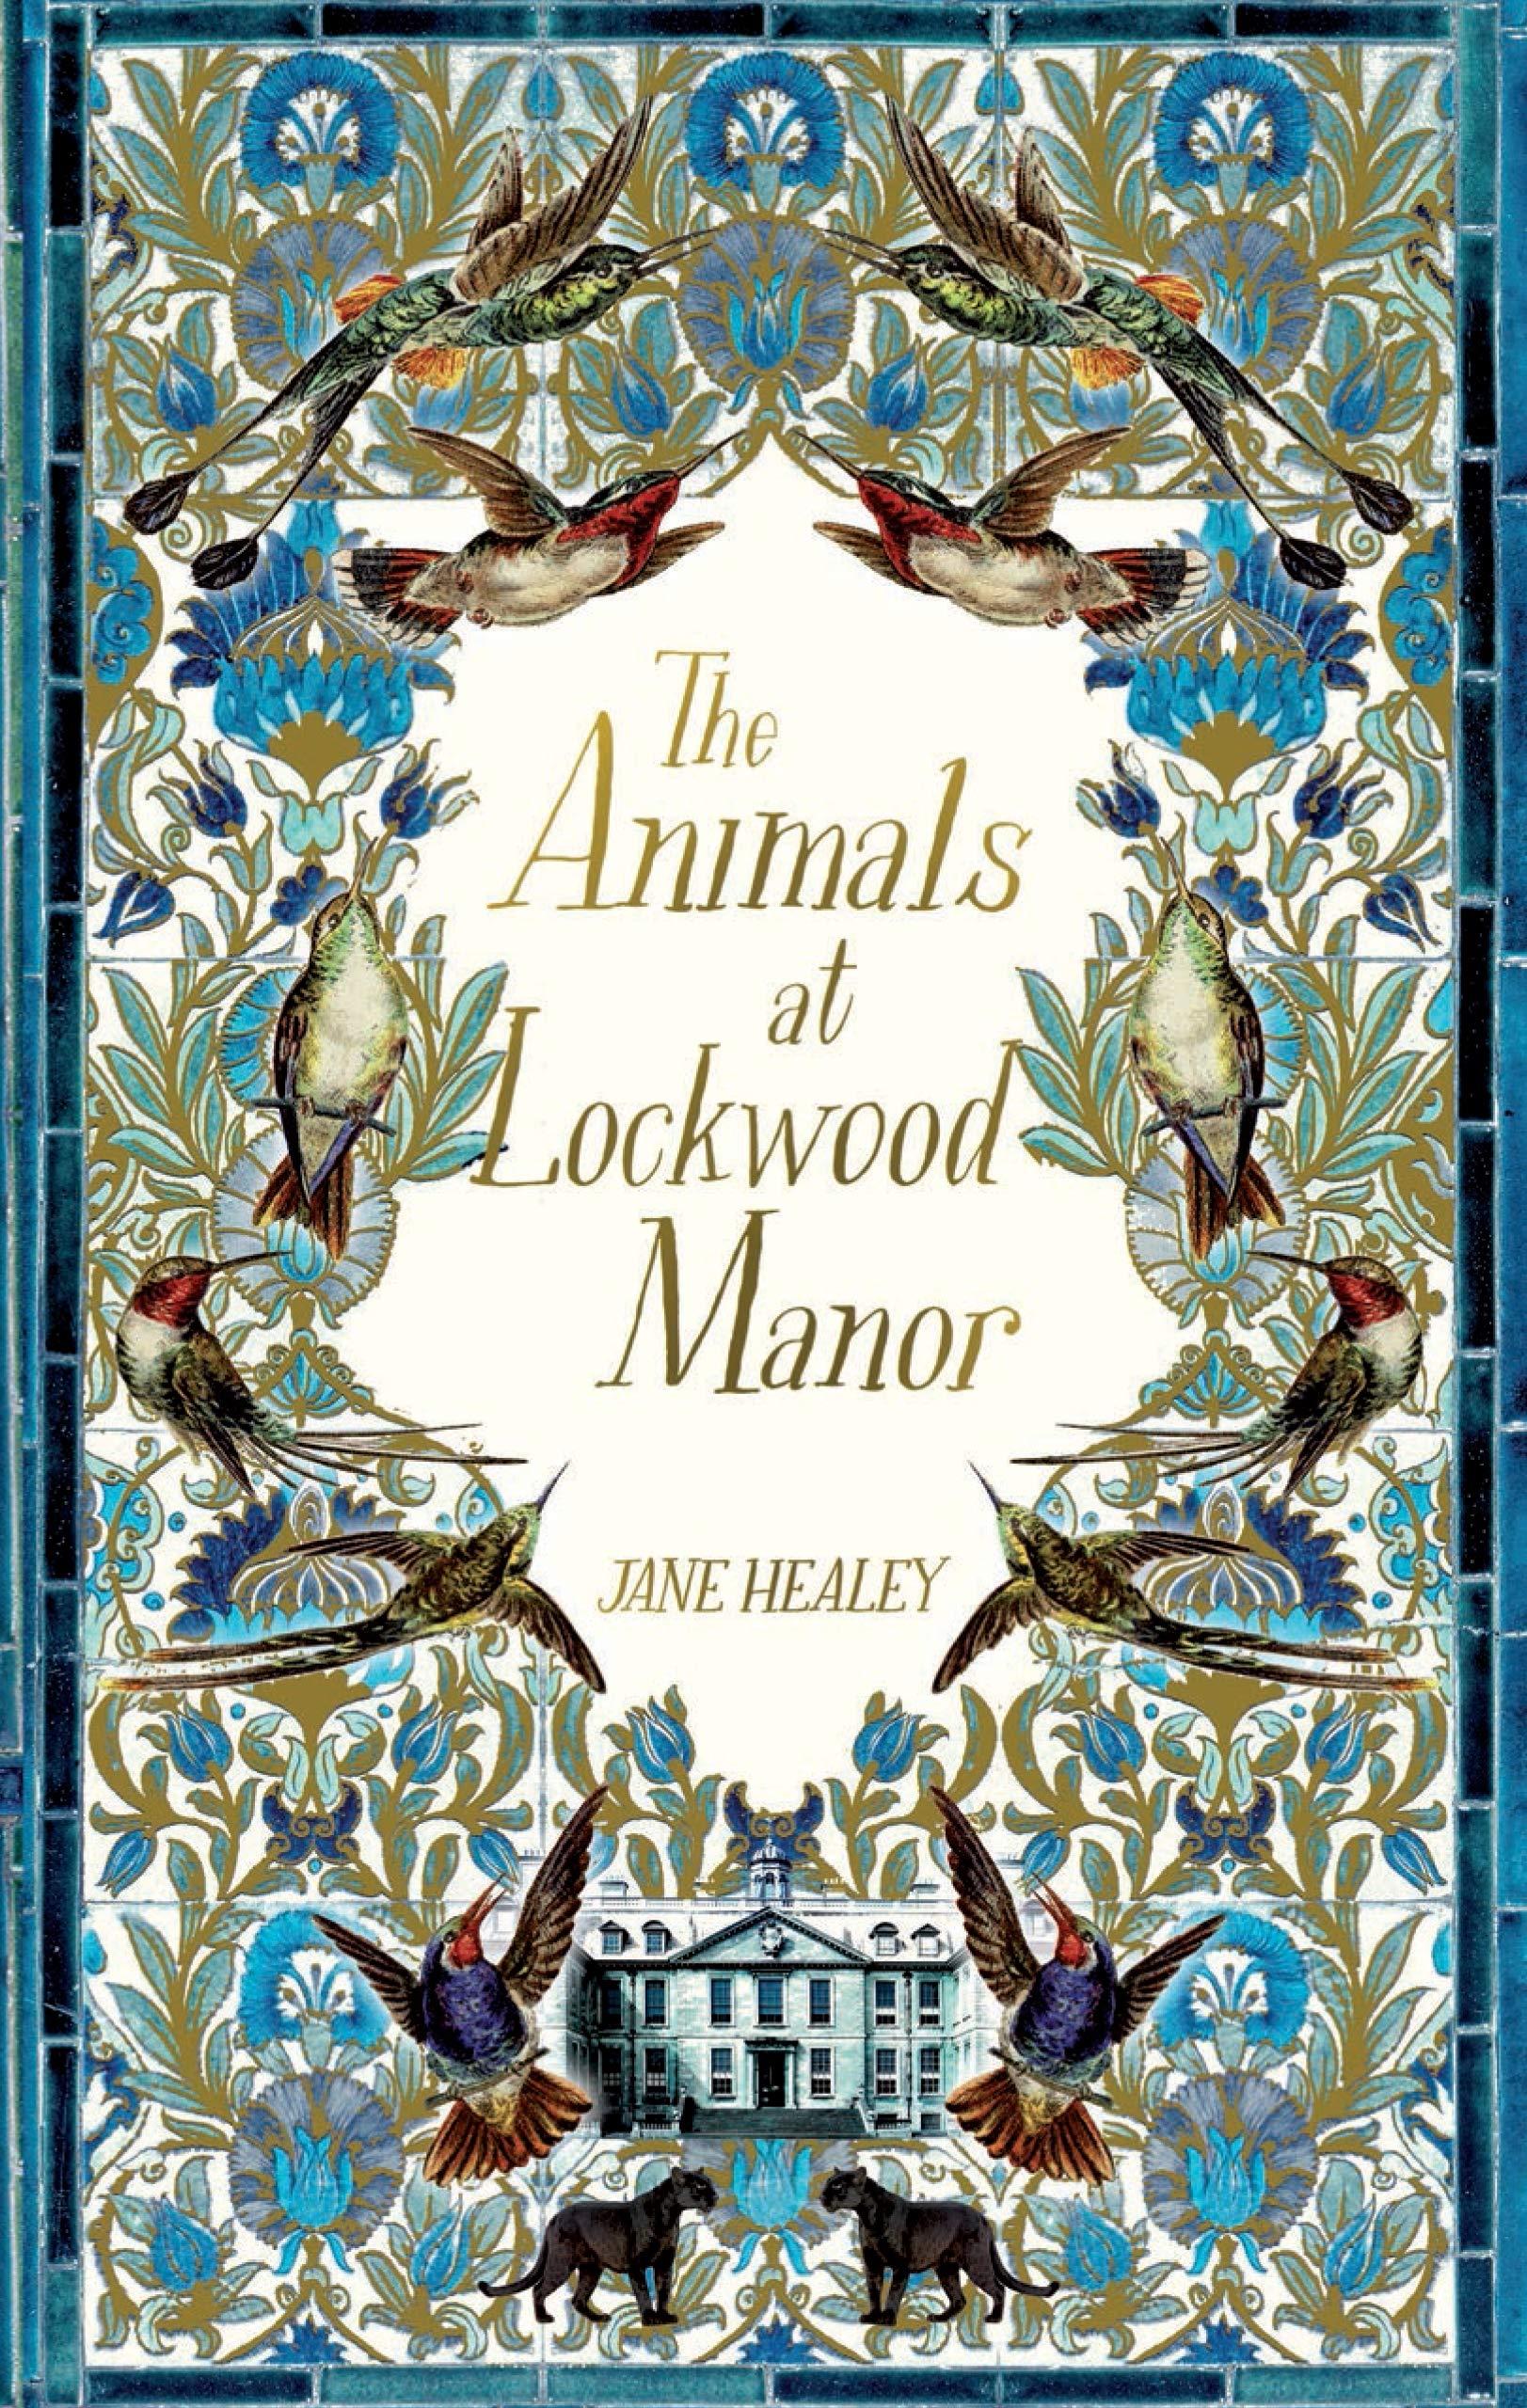 The Animals at Lockwood Manor: Amazon.co.uk: Healey, Jane: 9781529014174:  Books